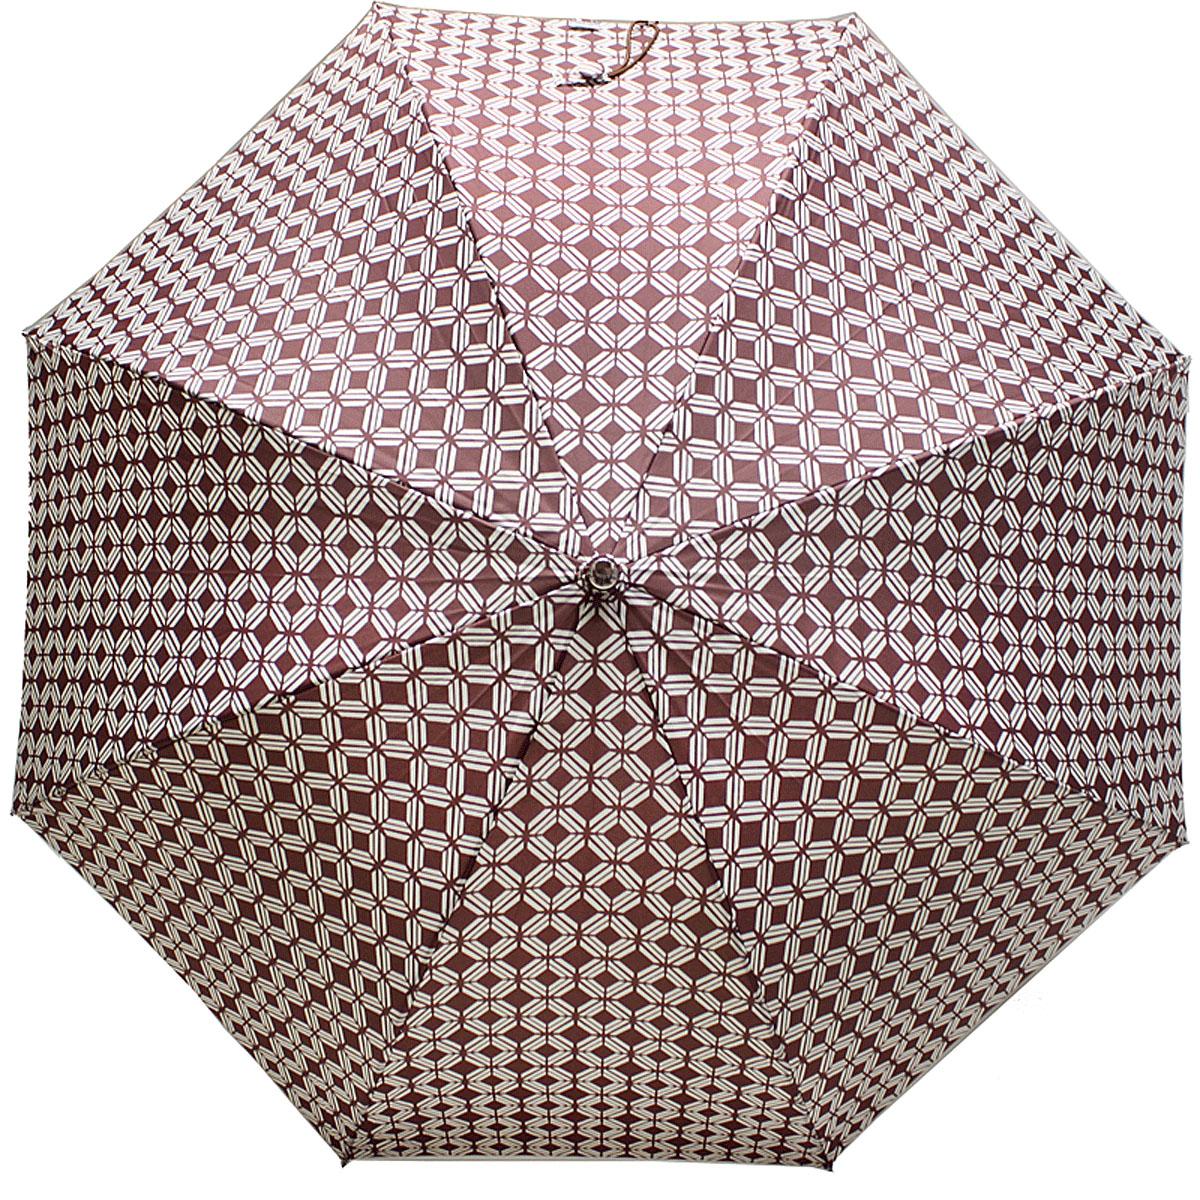 Зонт-трость женский Vogue, Автомат, цвет: коричневый. 124V-3124V-3Коллекция Vogue, отражающая самые последние тенденции в моде, очень удачно сочетается с практичностью и отличным качеством испанских зонтов, применение в производстве каркасов современных материалов уменьшает вес зонтиков и гарантирует надежность и качество. Рекомендации по использованию: Мокрый зонт нельзя оставять сложенным. Зонт после использования рекомндуется сушить в полураскрытом виде вдали от нагревательных приборов. Чистить зонт рекомендуется губкой, используя мягкие нещелочные растворы.